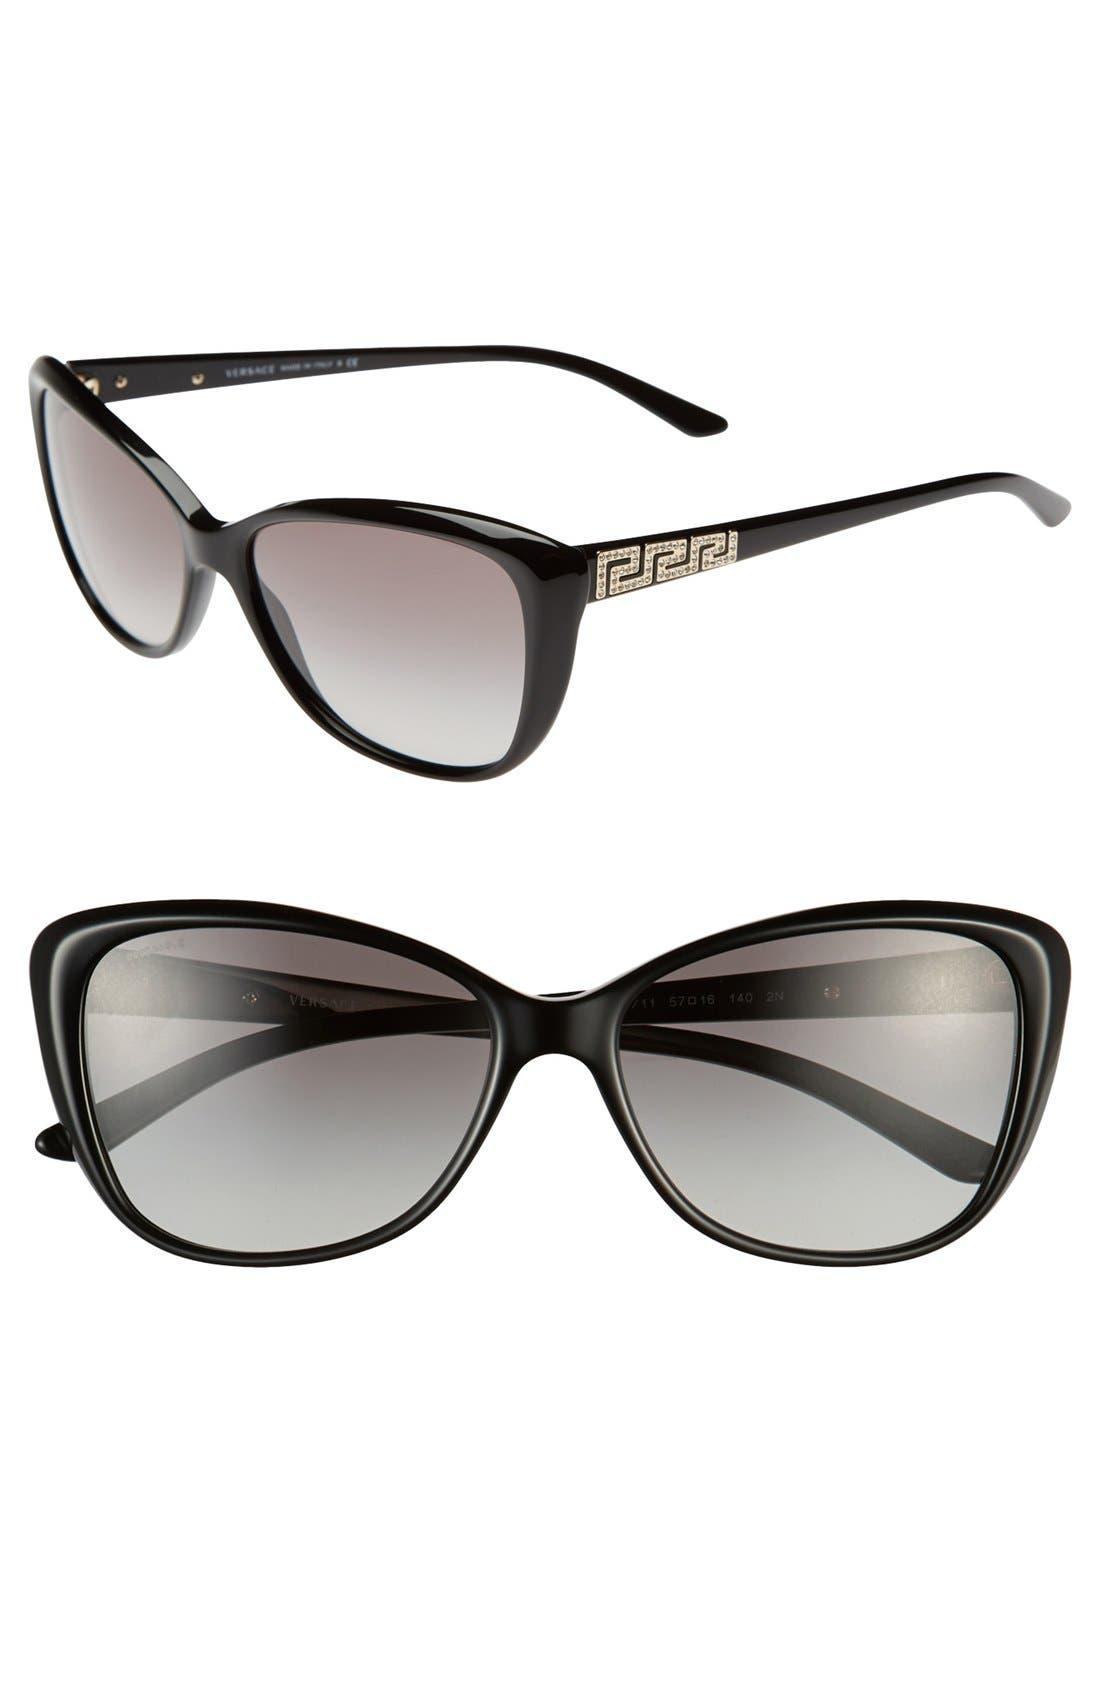 8cb9bdf2de6 Butterfly Cepar Versace Versace Ve2120 Ve2120 Sunglasses q7wcHOSv1